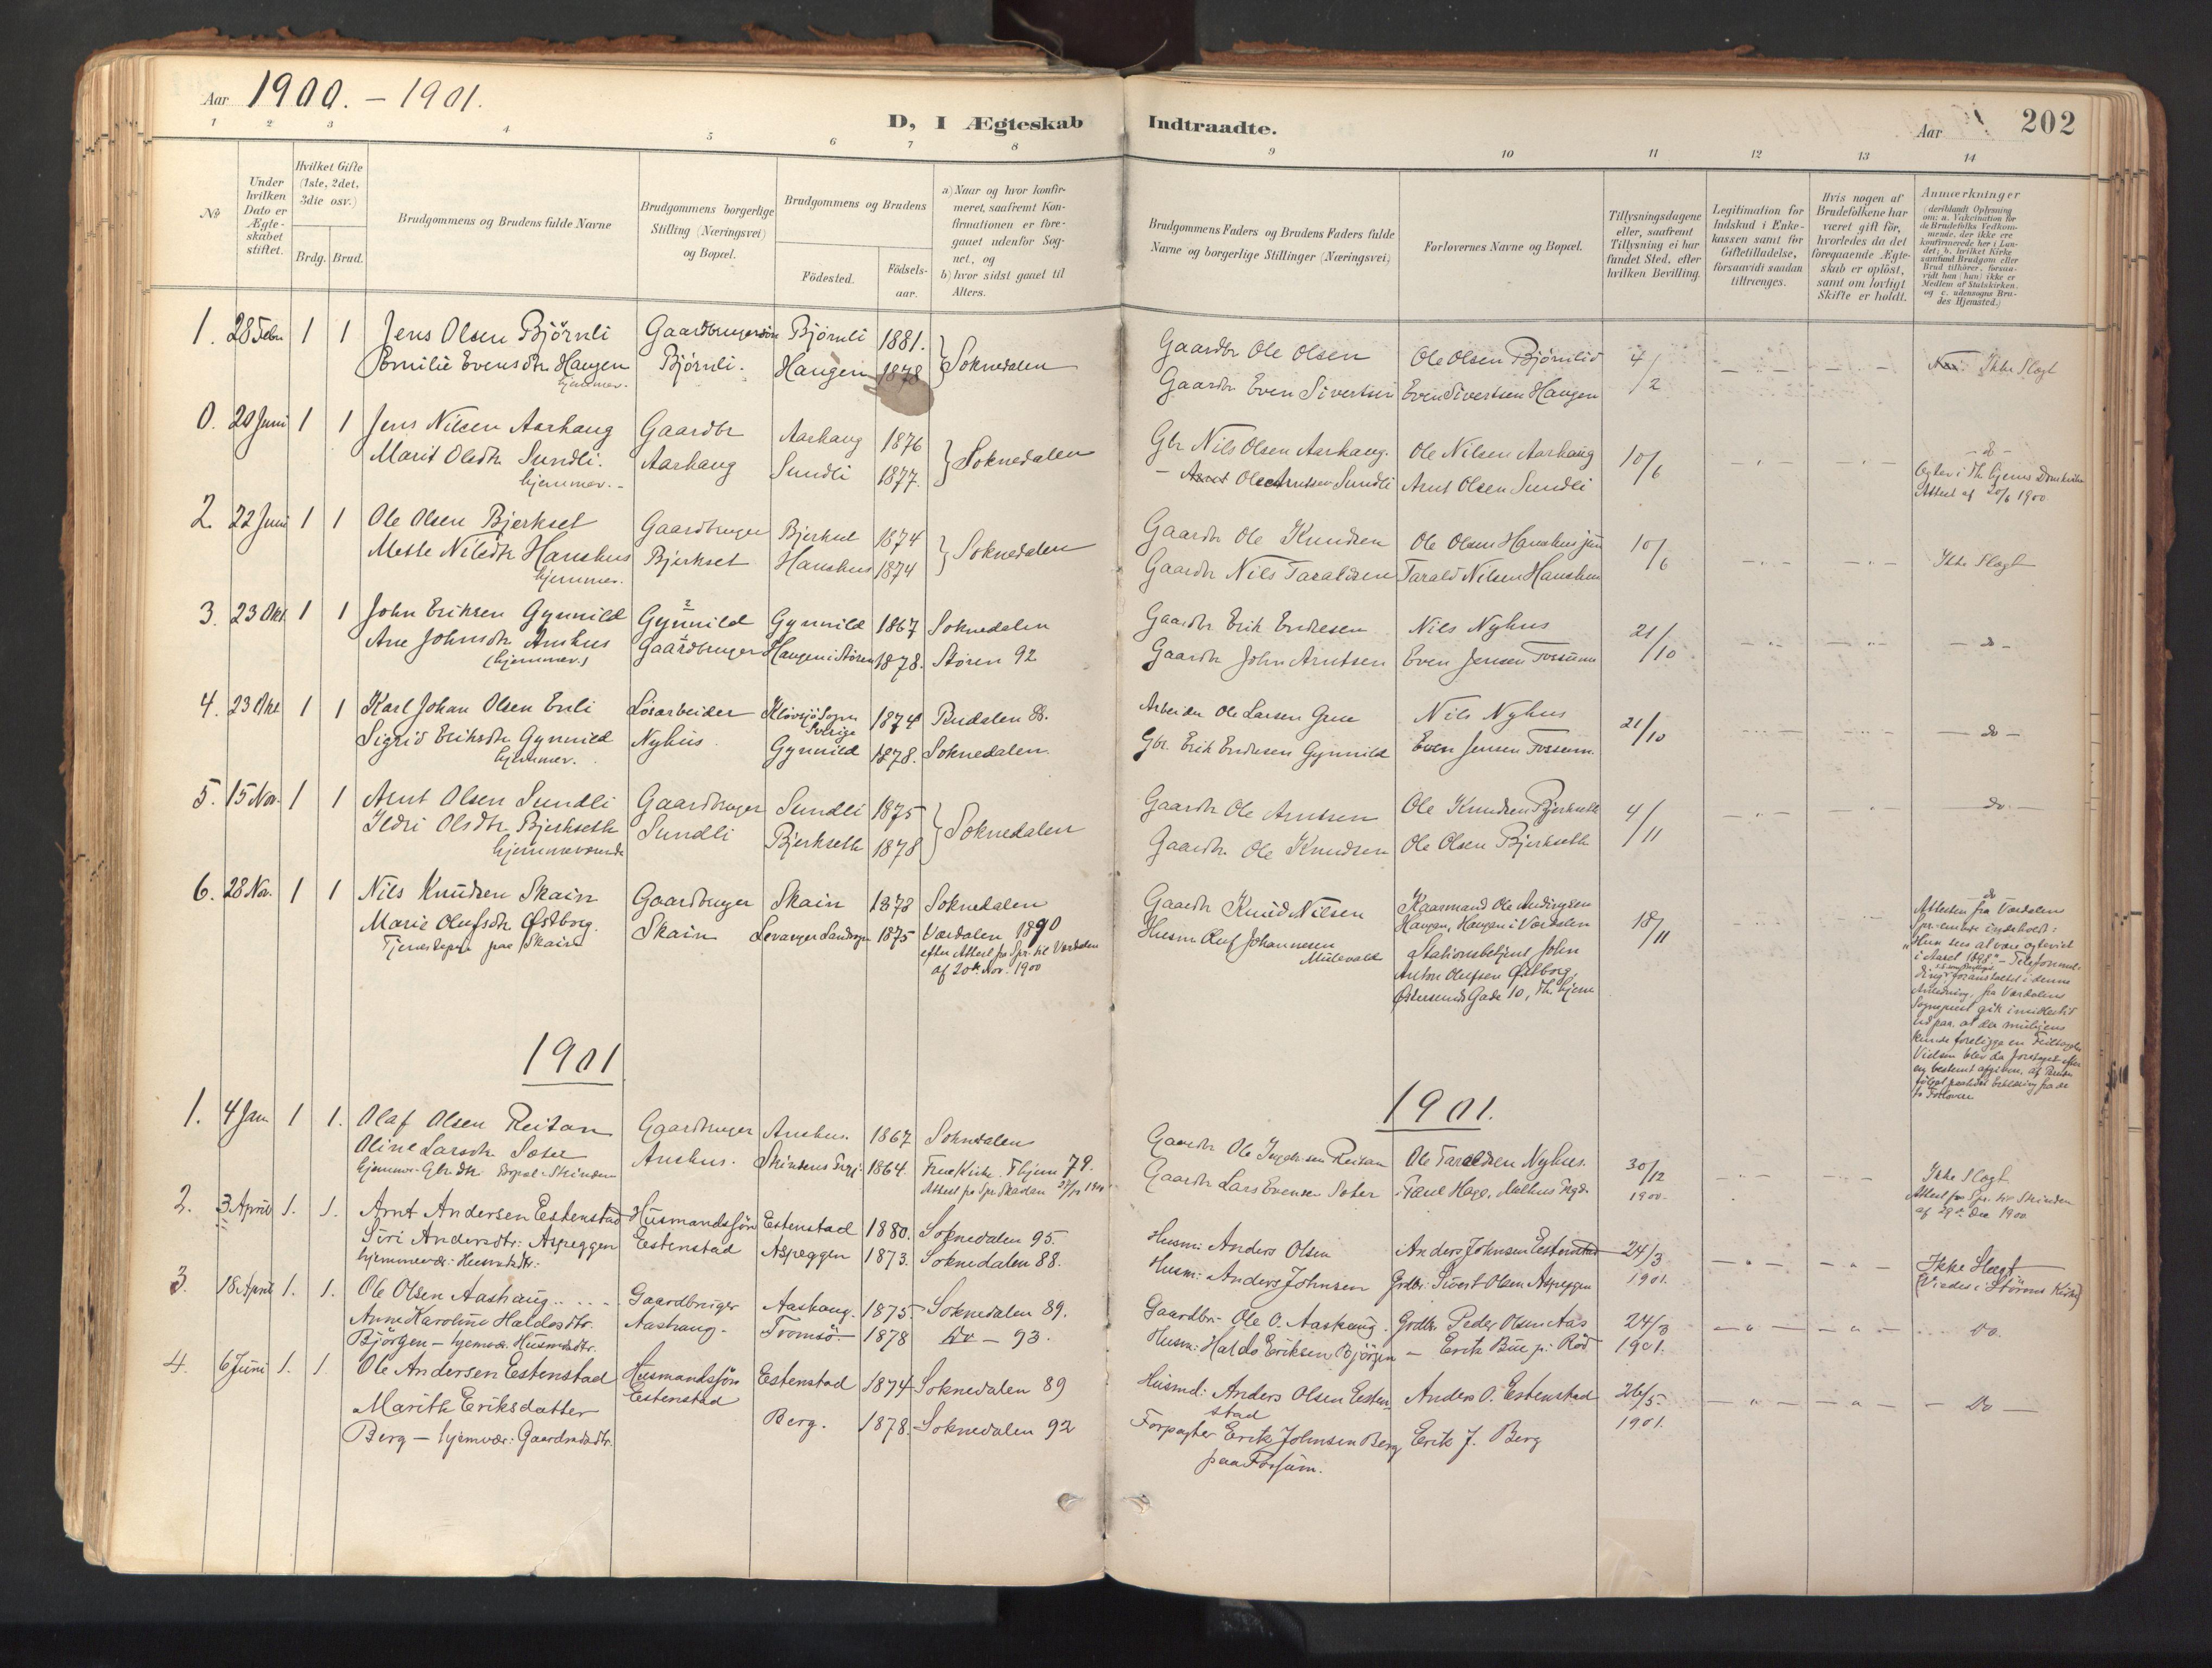 SAT, Ministerialprotokoller, klokkerbøker og fødselsregistre - Sør-Trøndelag, 689/L1041: Ministerialbok nr. 689A06, 1891-1923, s. 202